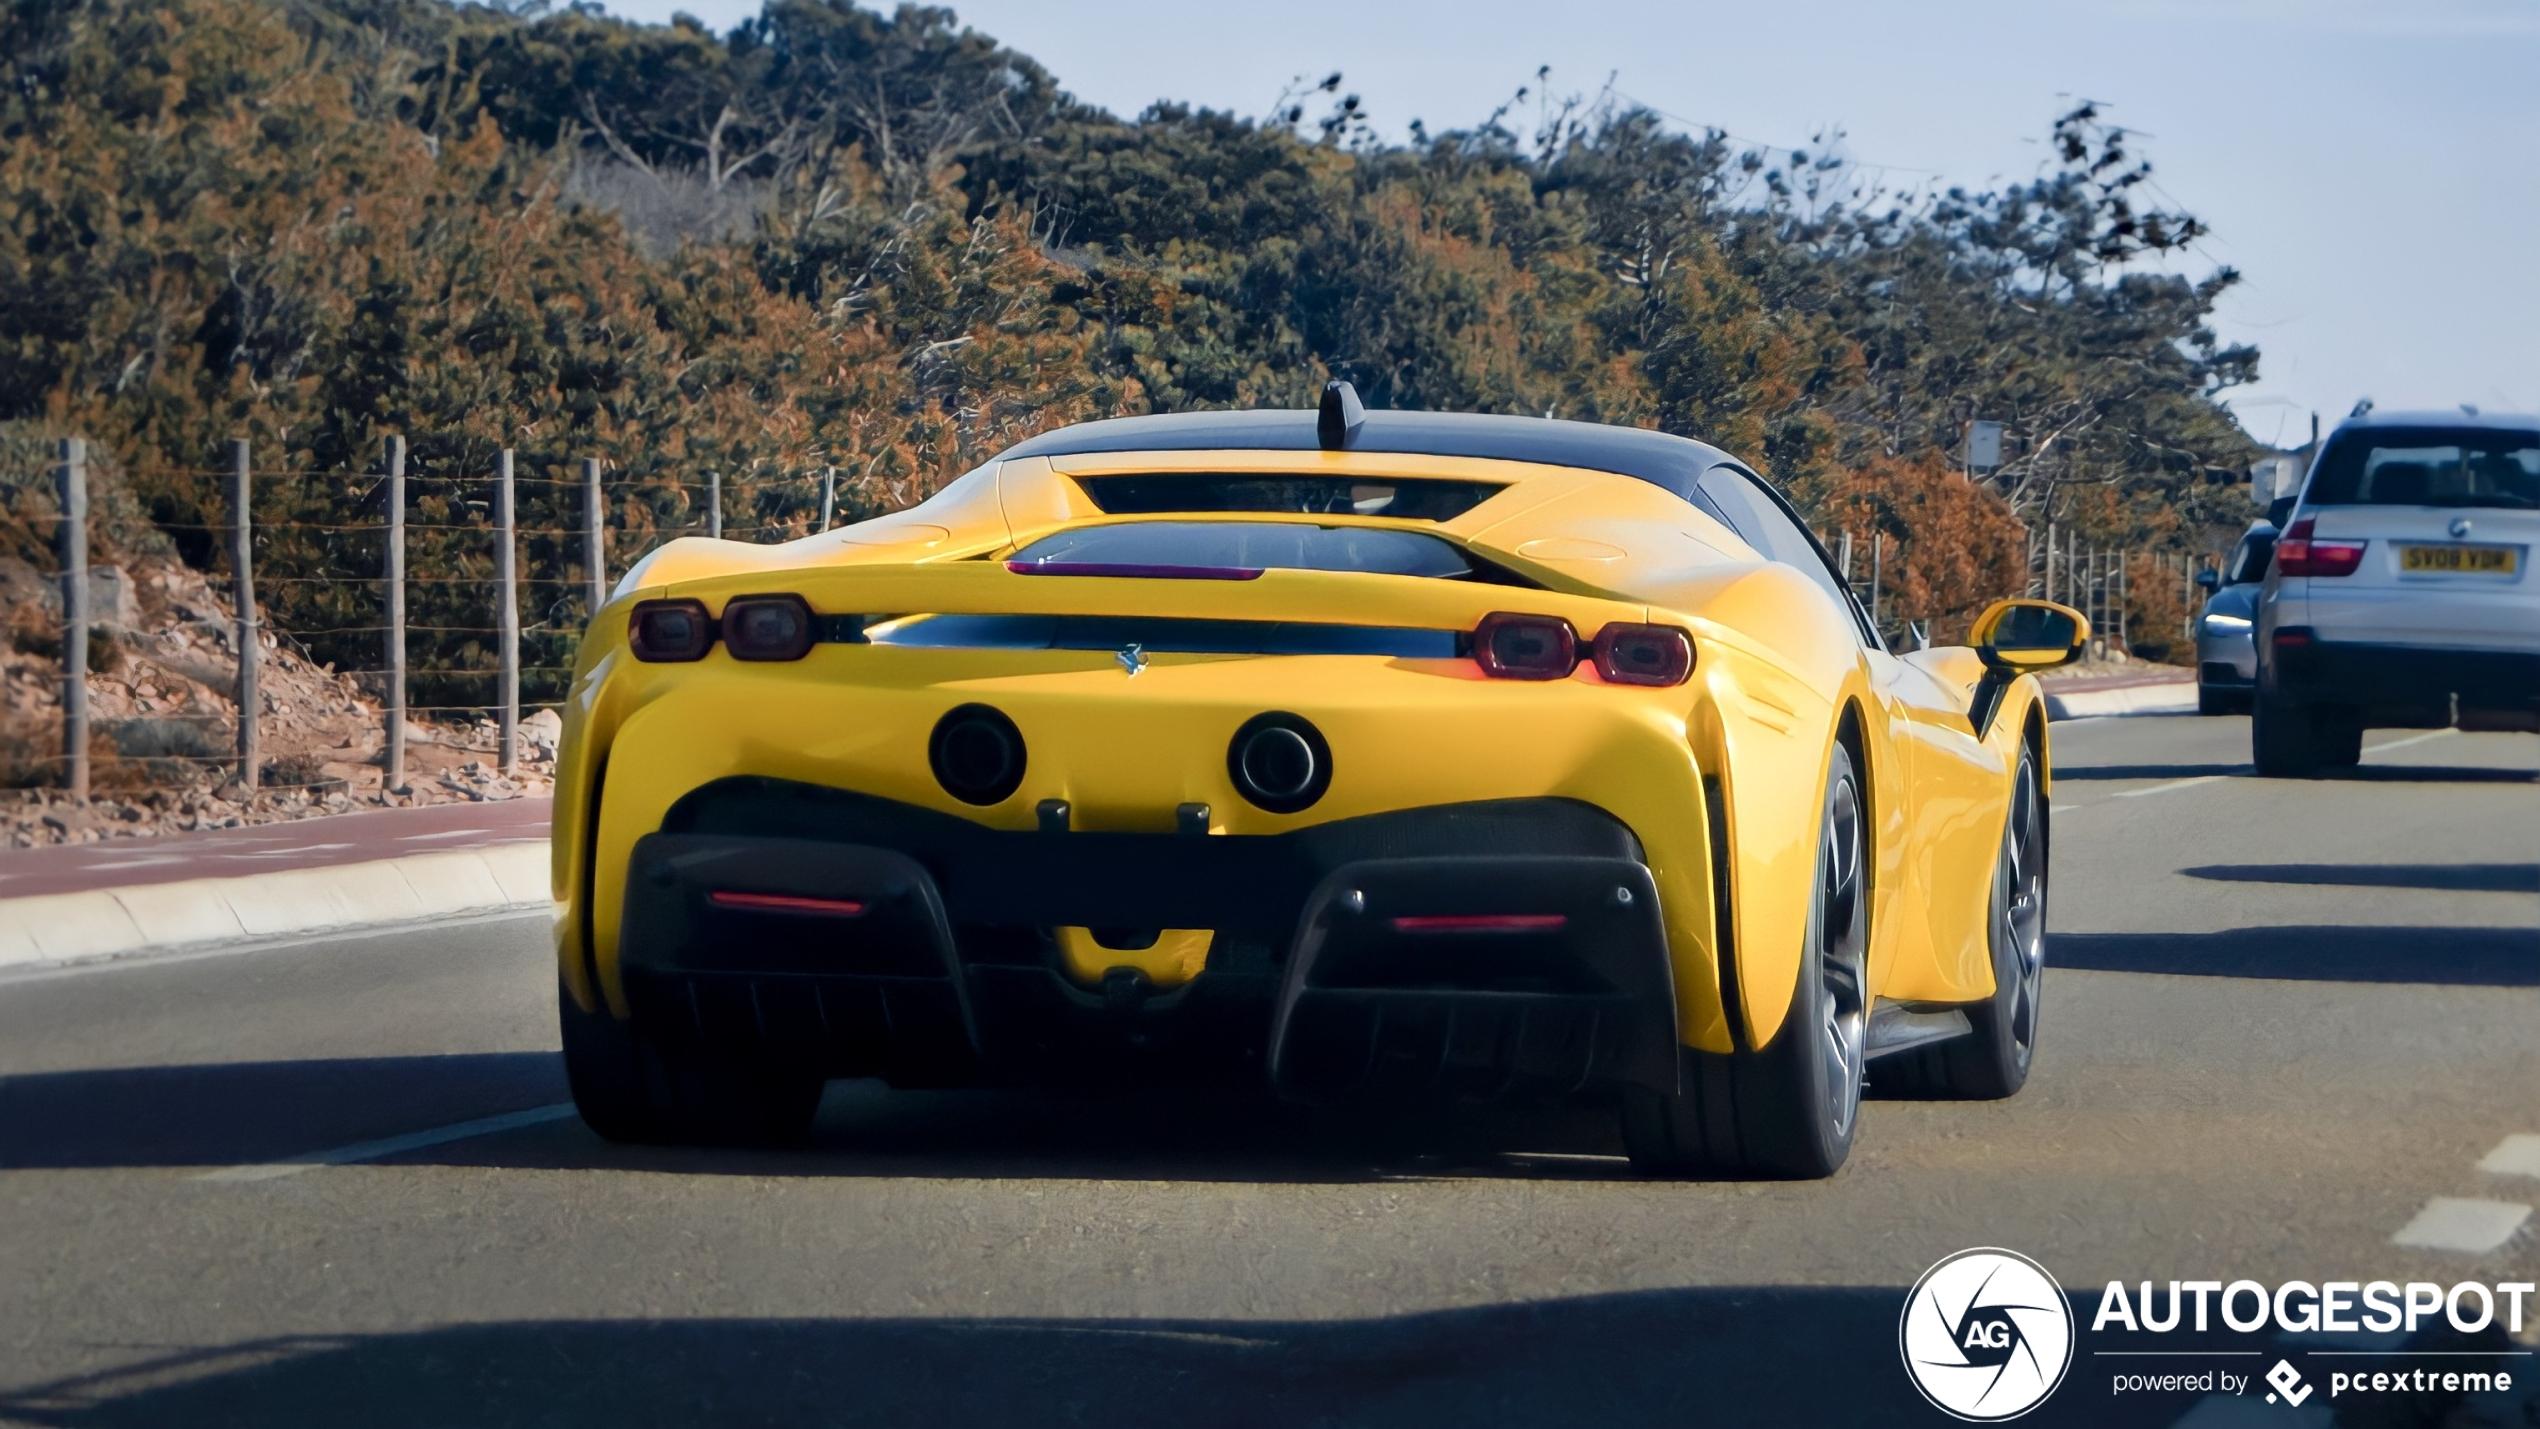 Zo gaat het hard: Ferrari SF90 Stradale in Portugal